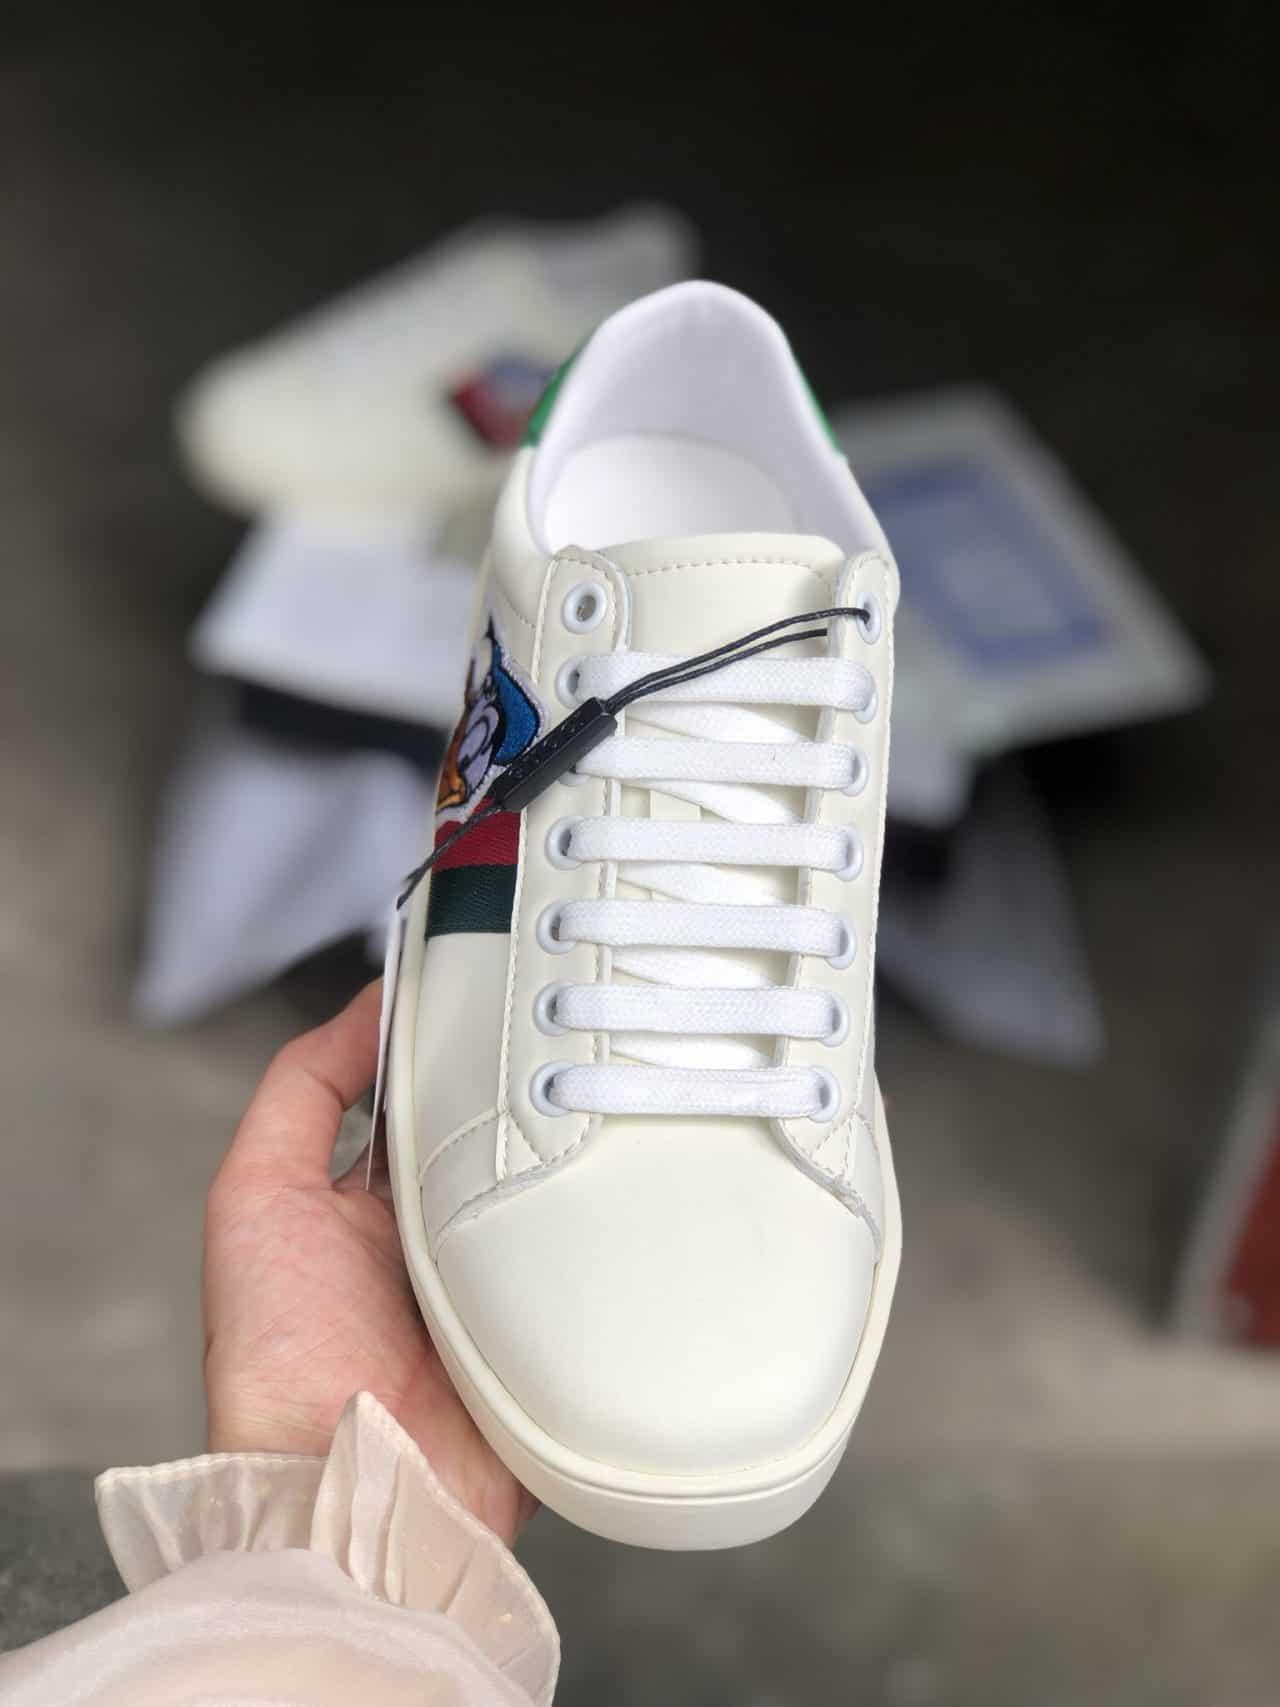 Nguyên phụ liệu sản xuất giày đều đạt chuẩn chất lượng